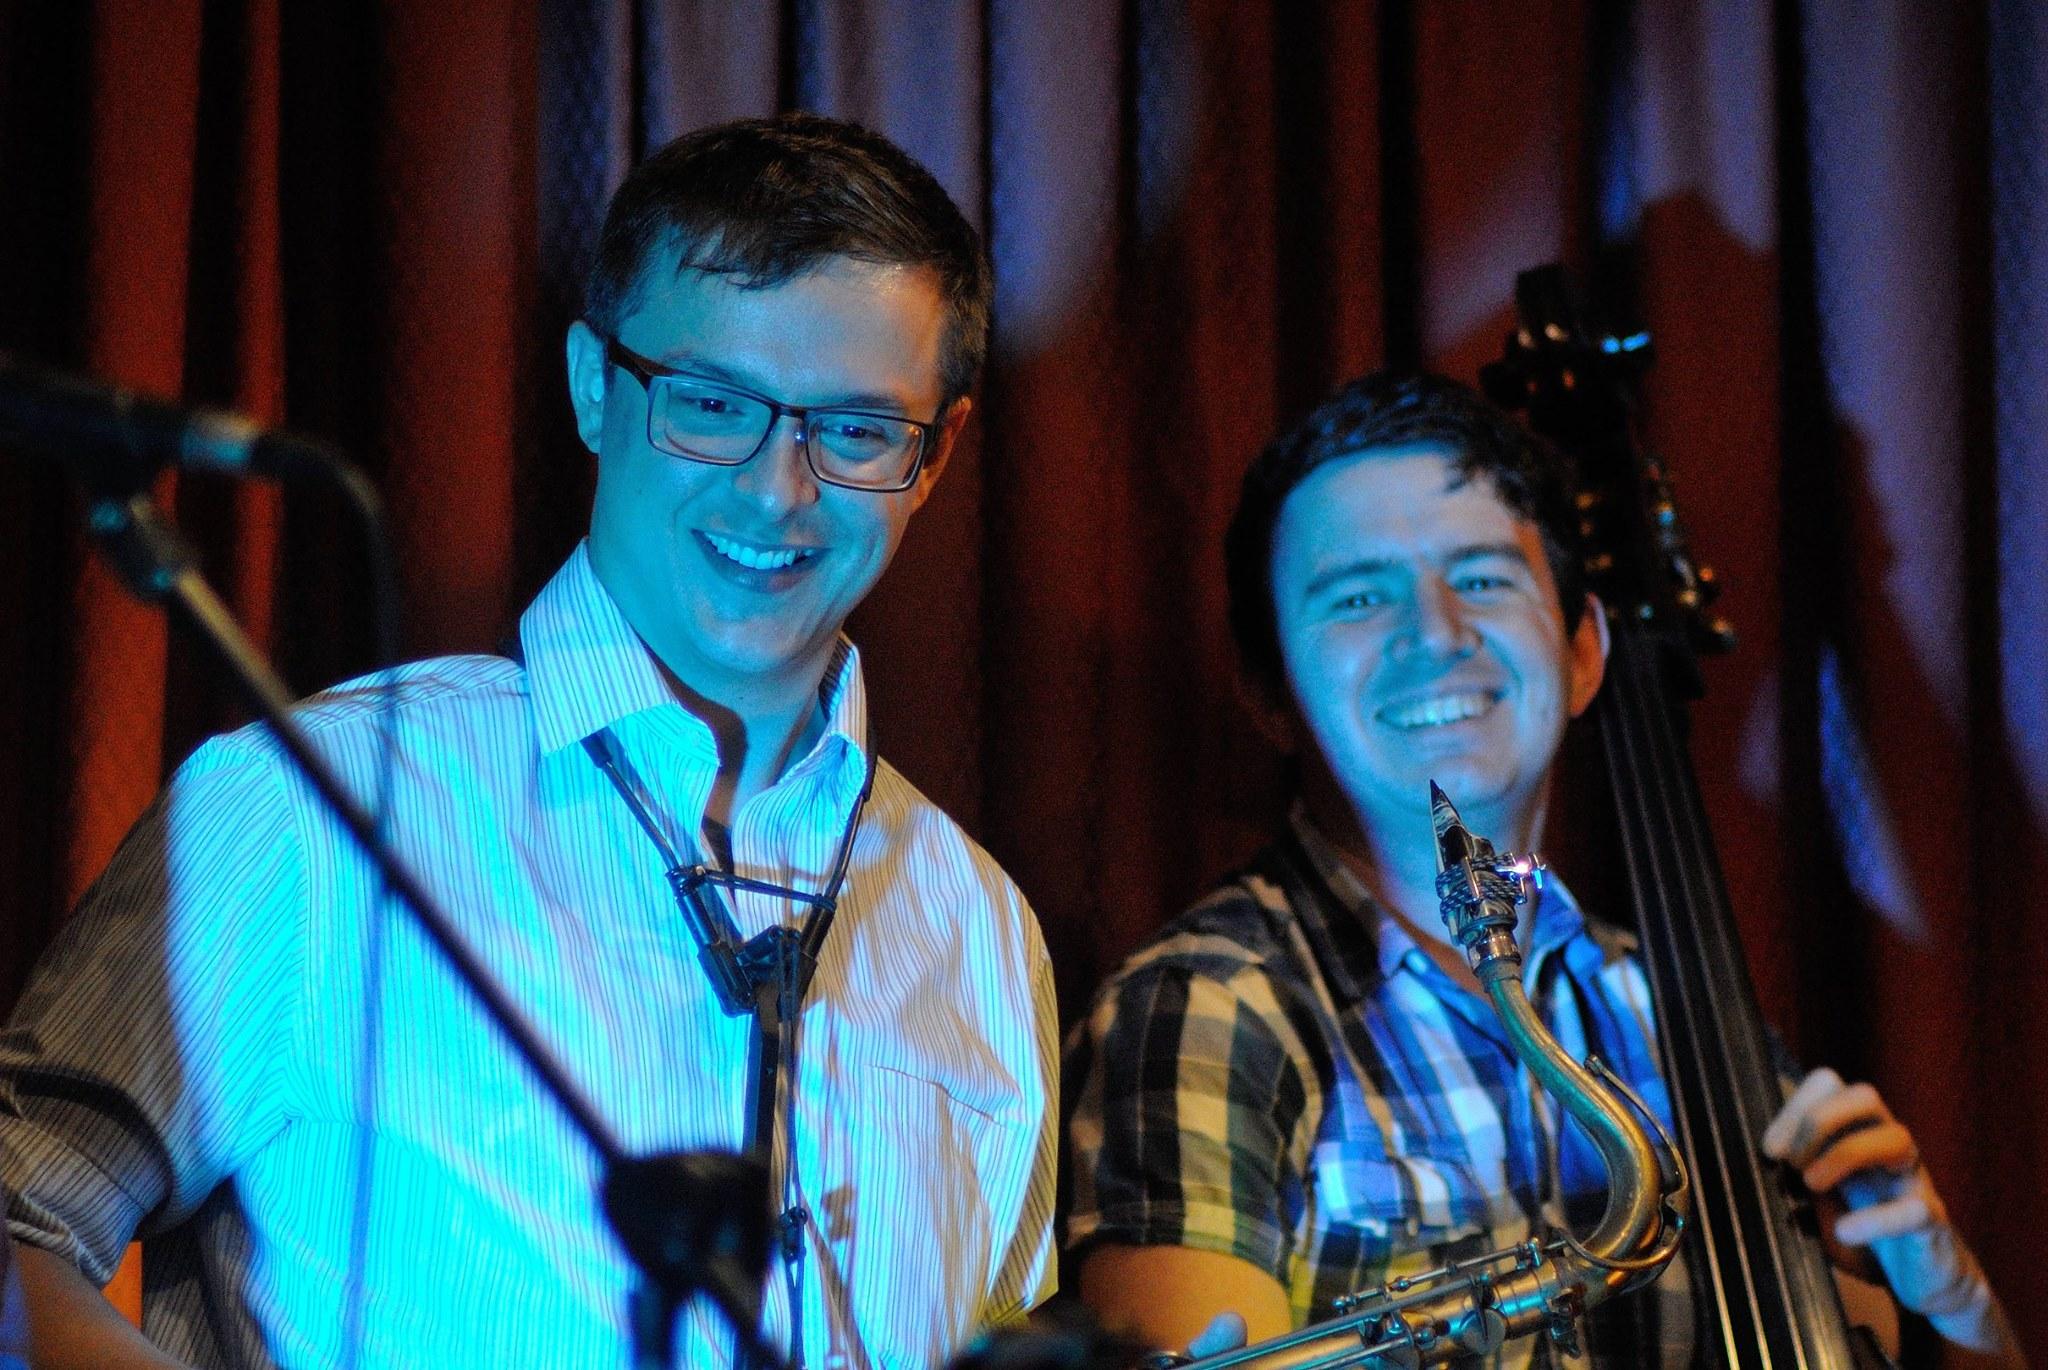 Ben Lowman & John Marley.jpg